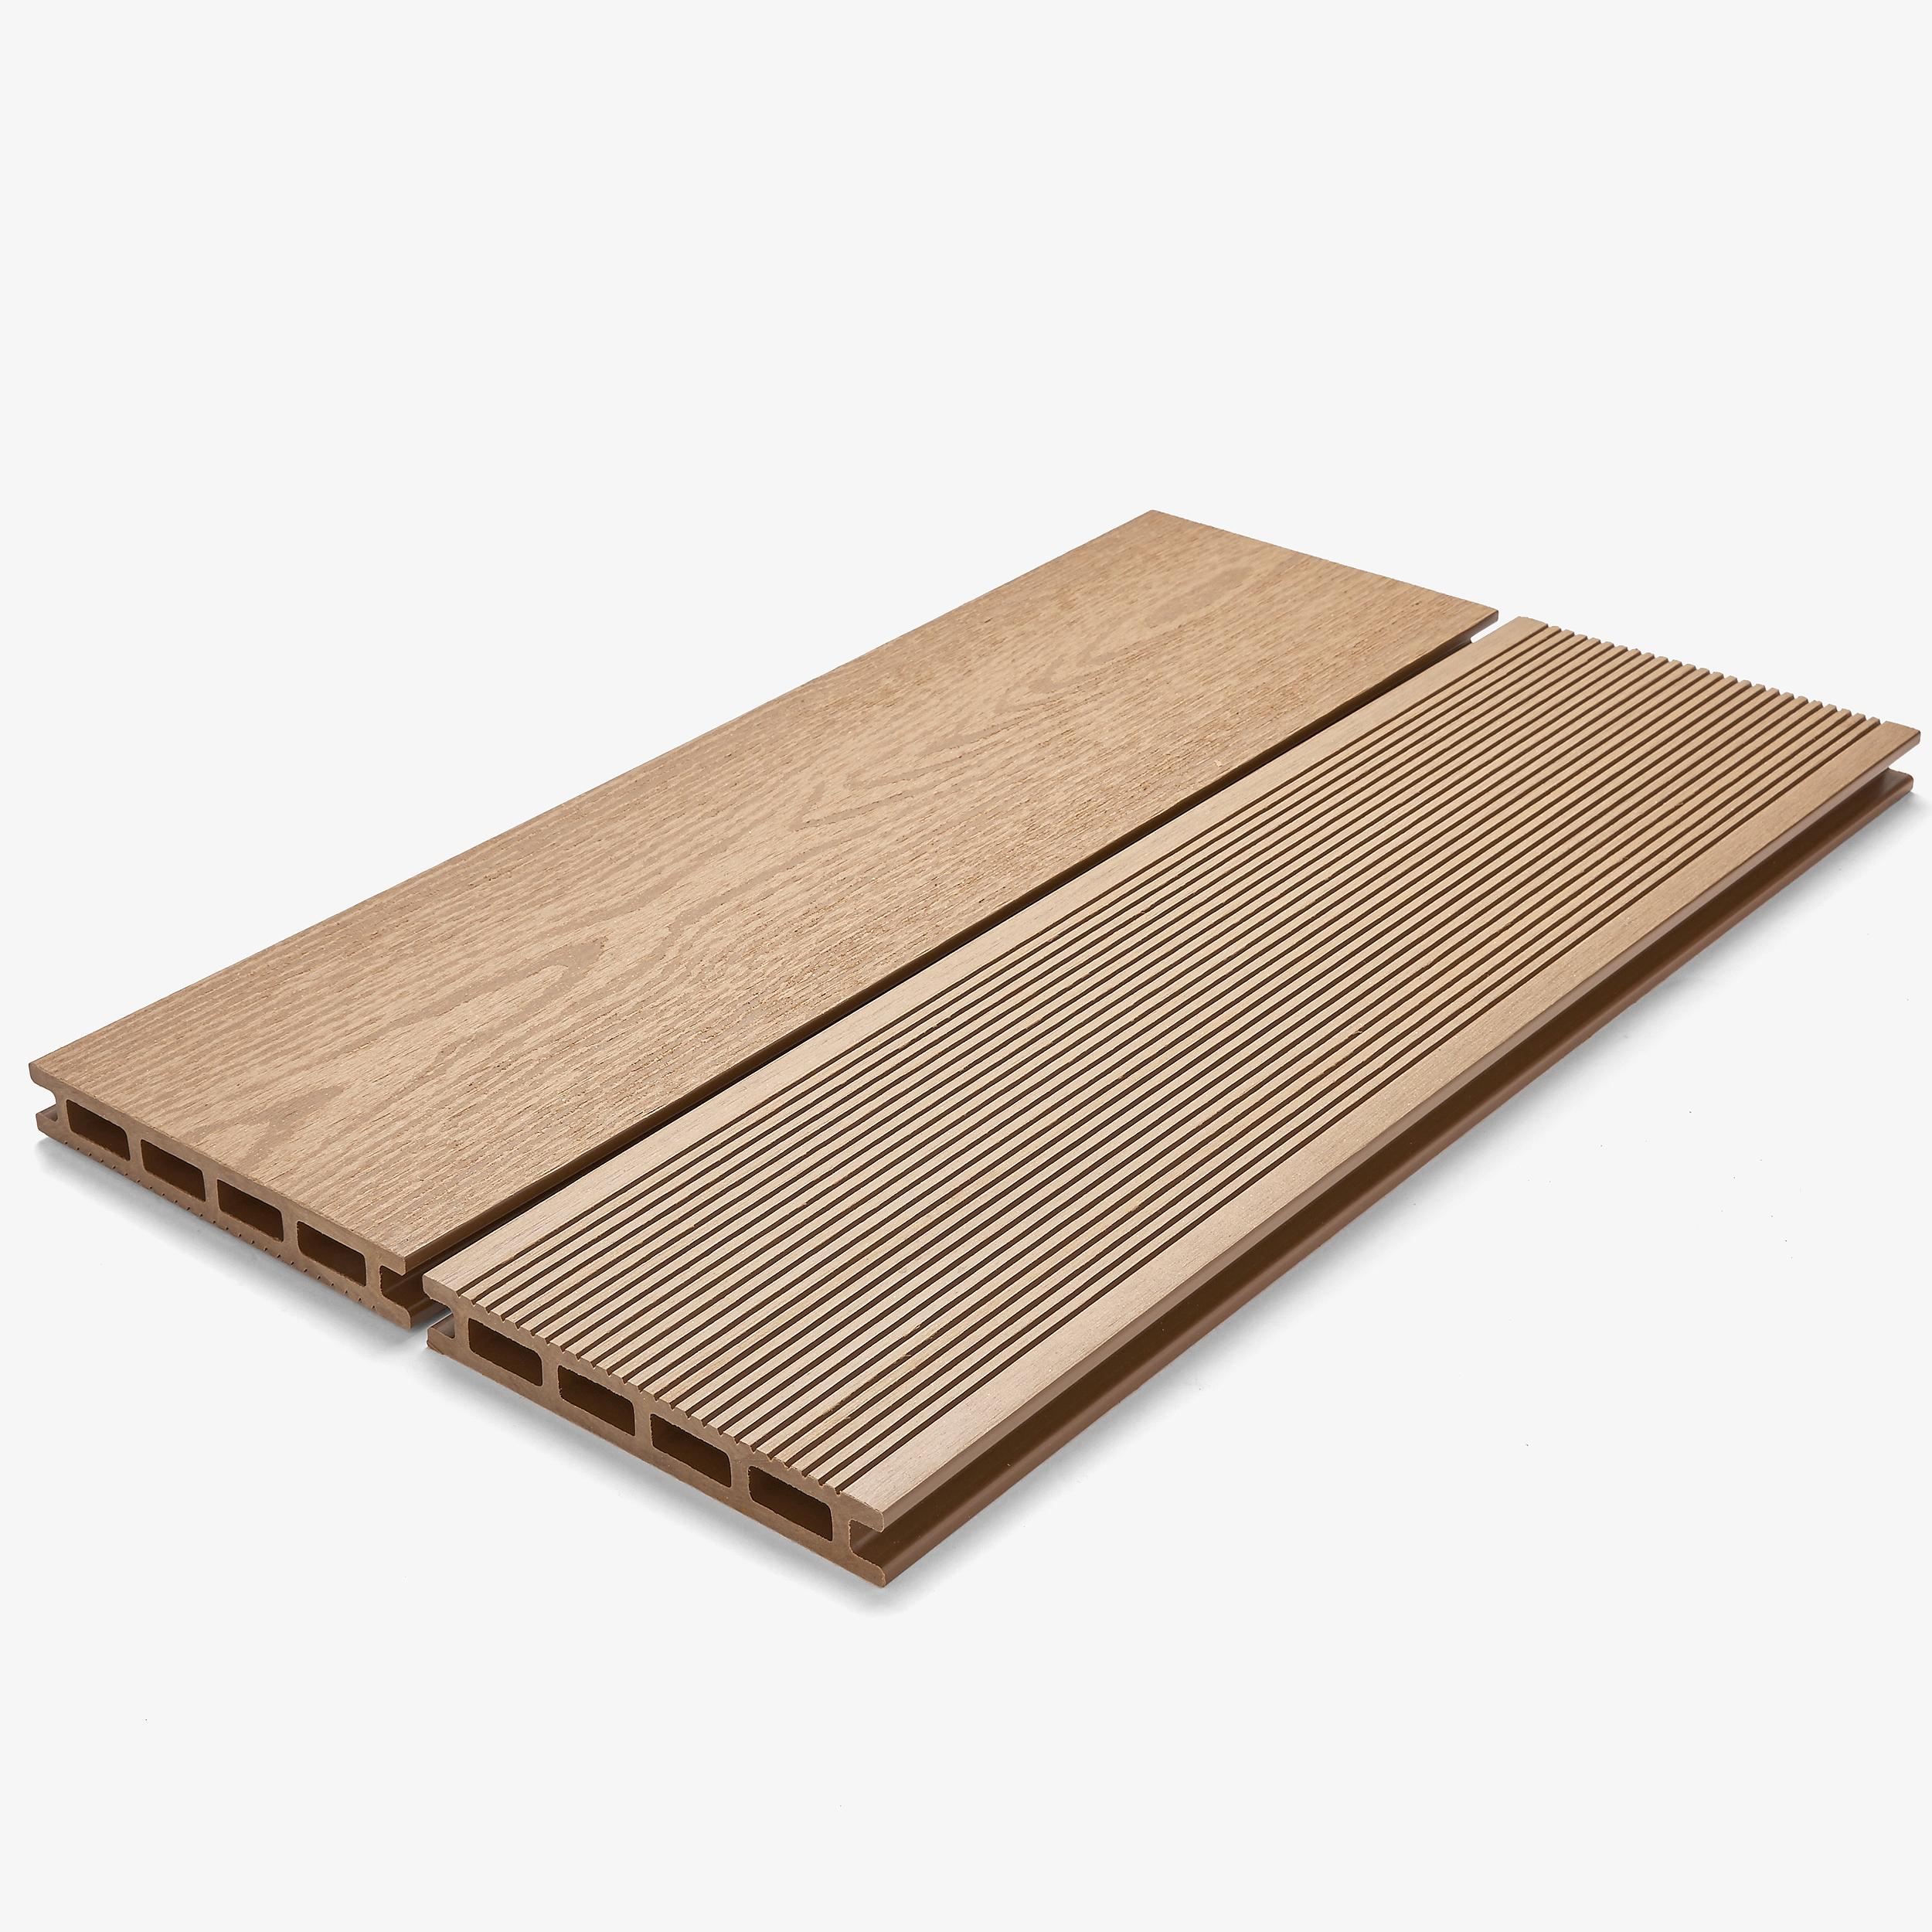 DURATRAC Decking - Pioneer - Oak.jpg